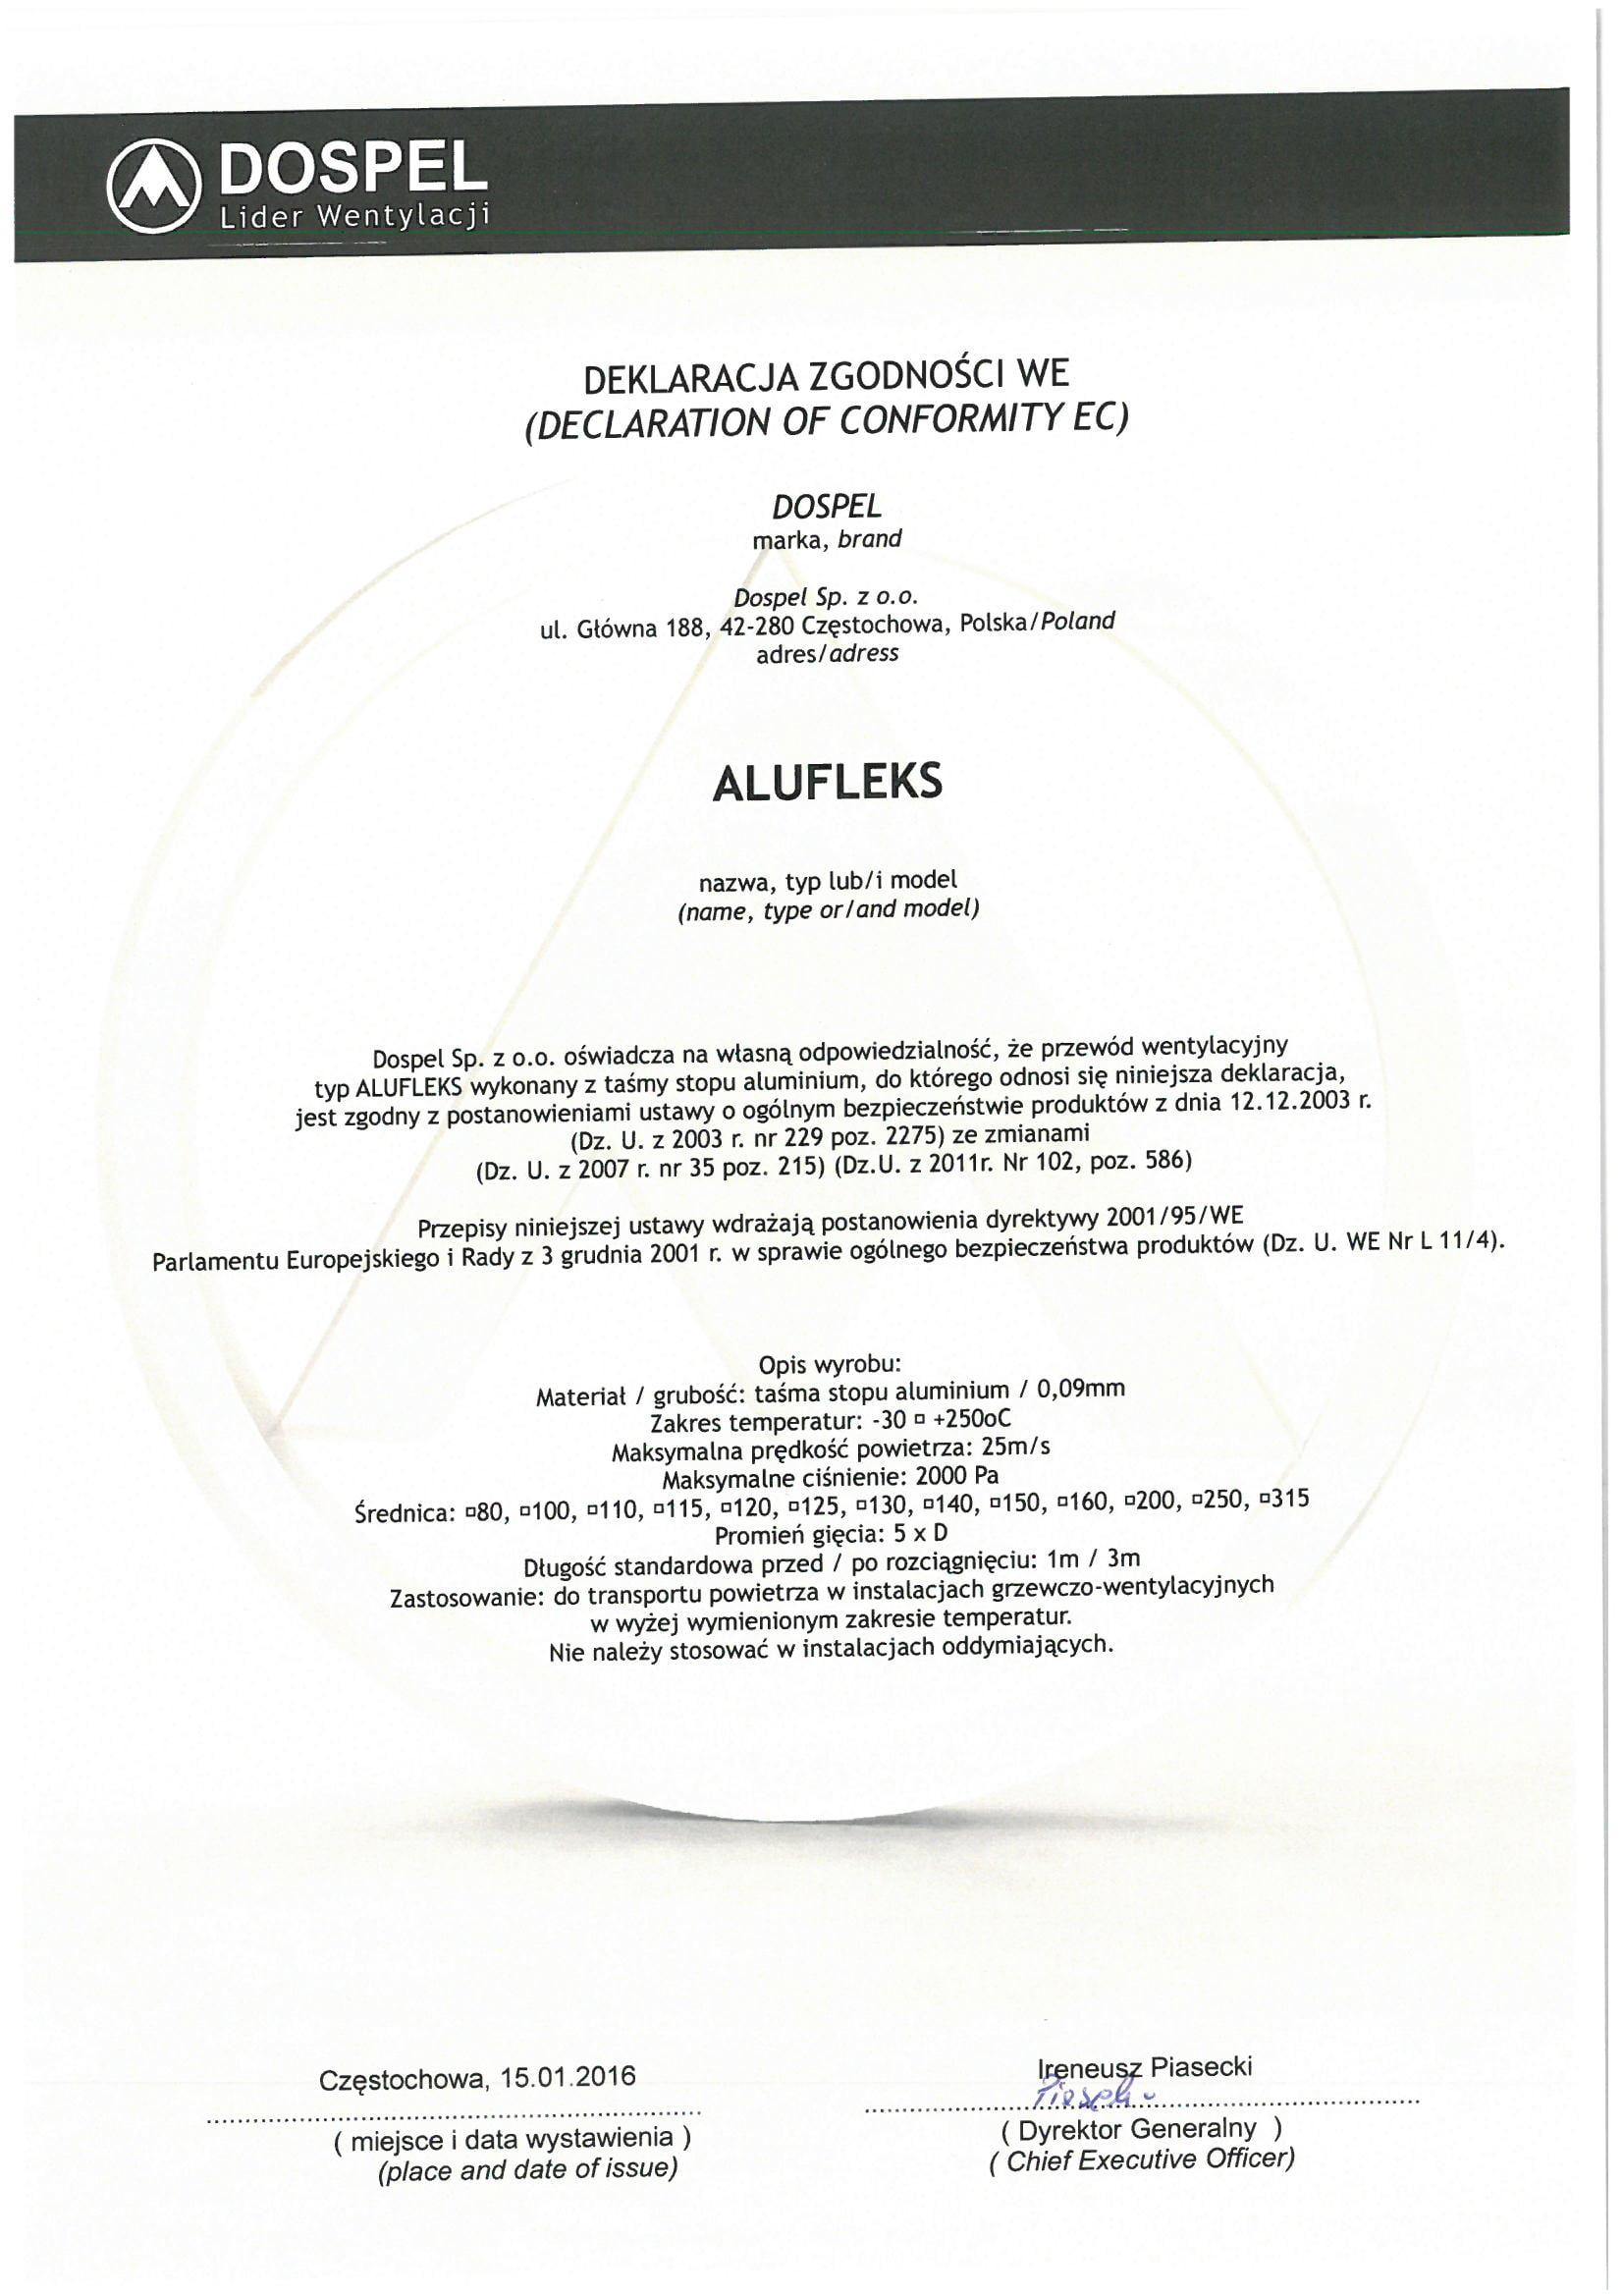 Przewody wentylacyjne, alufleks, certyfikat, deklaracja zgodności